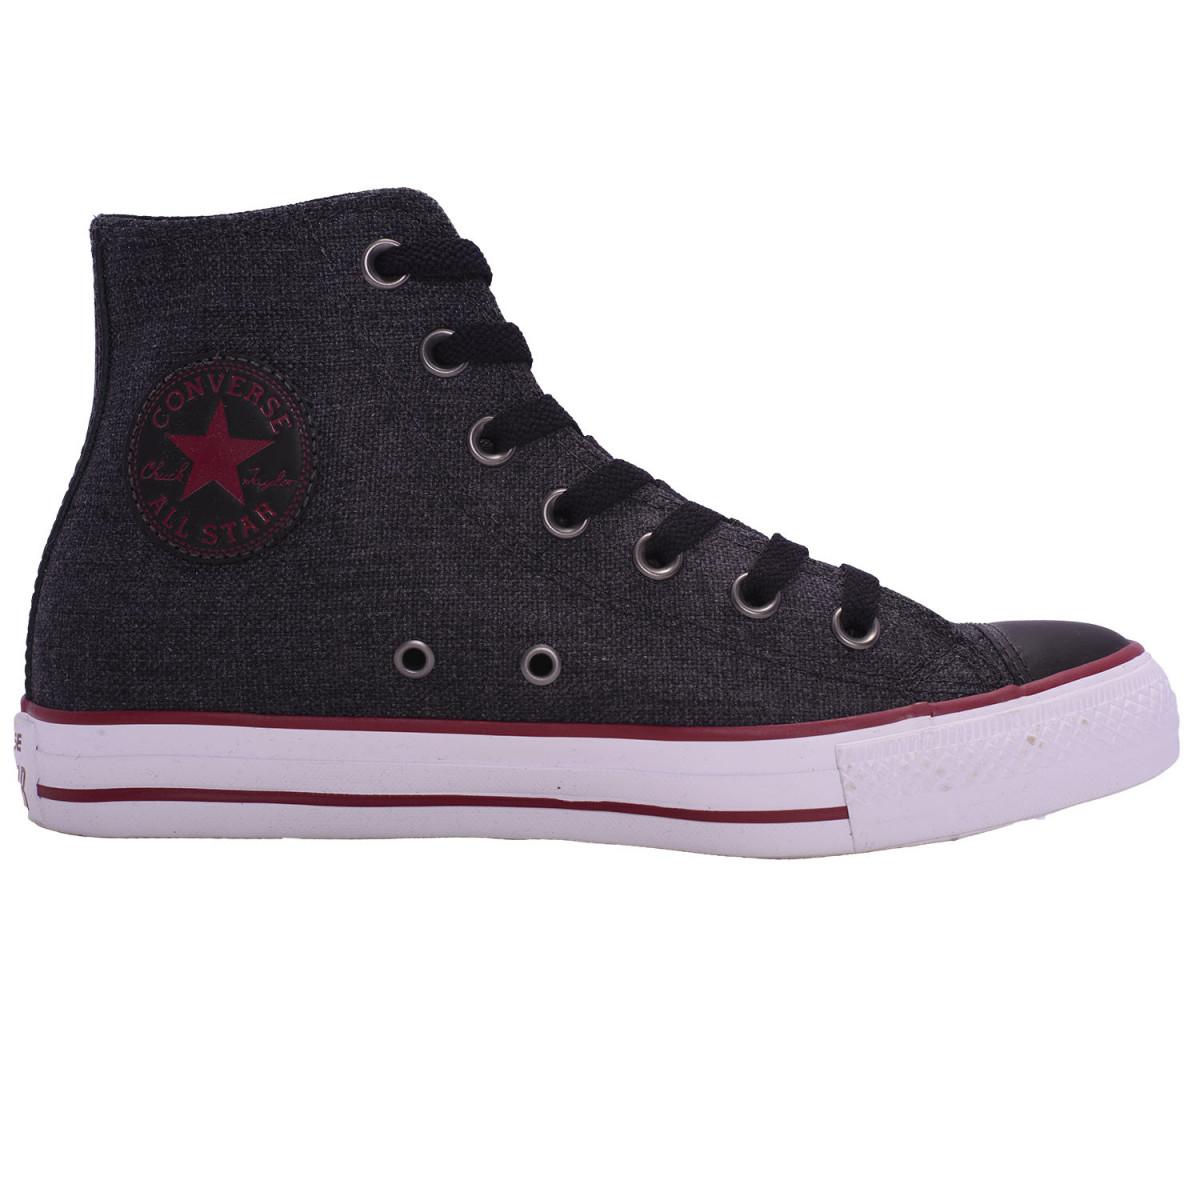 be0df7c5c Zapatillas Converse Chuck Taylor All Star - Converse hasta 50% OFF ...